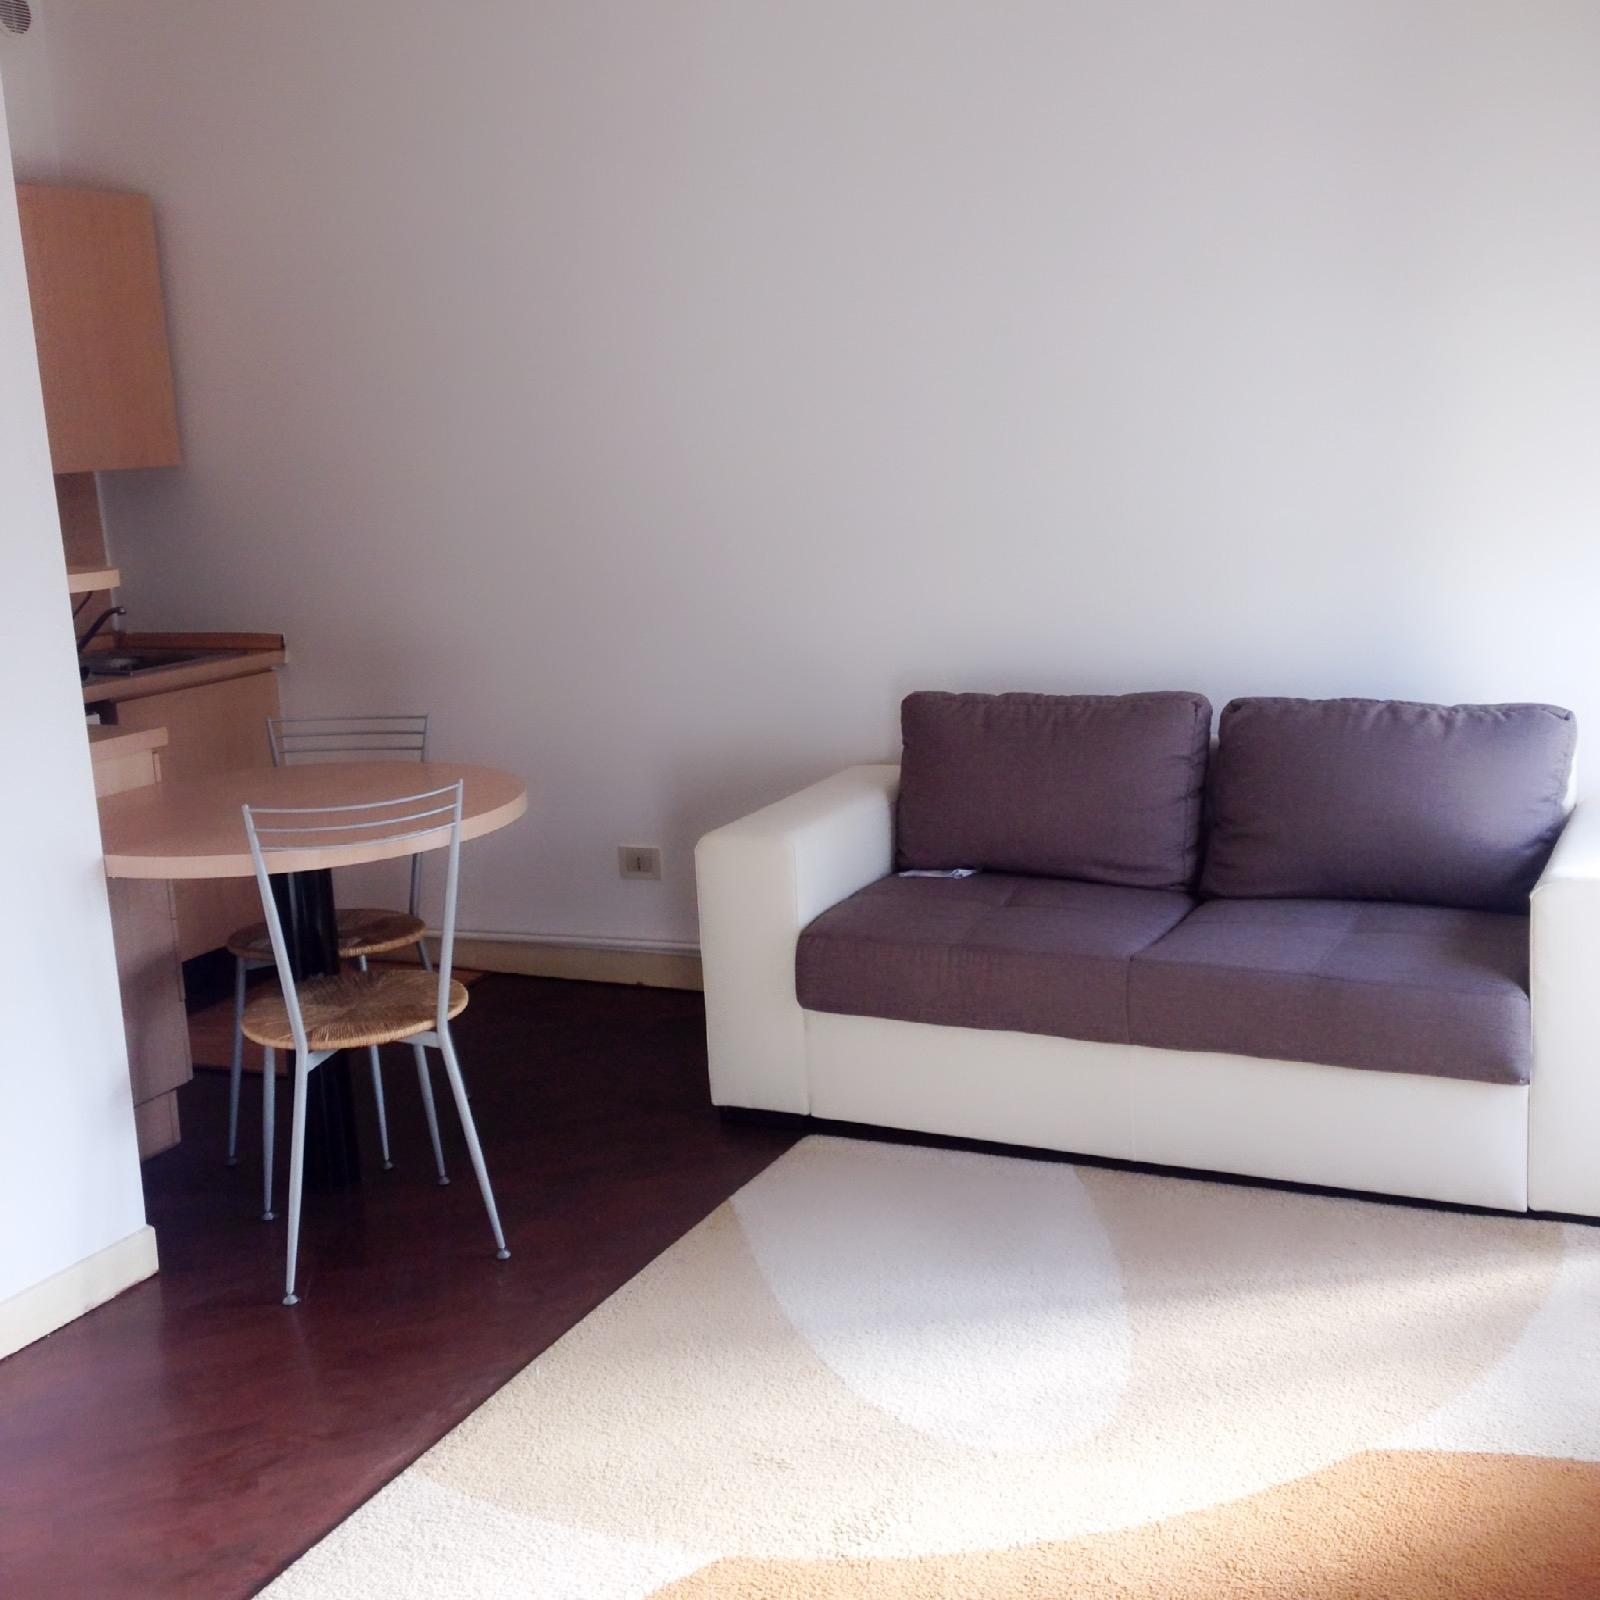 Appartamento in affitto a Brescia, 1 locali, zona Località: 1.1CENTROCITTA, prezzo € 380 | CambioCasa.it